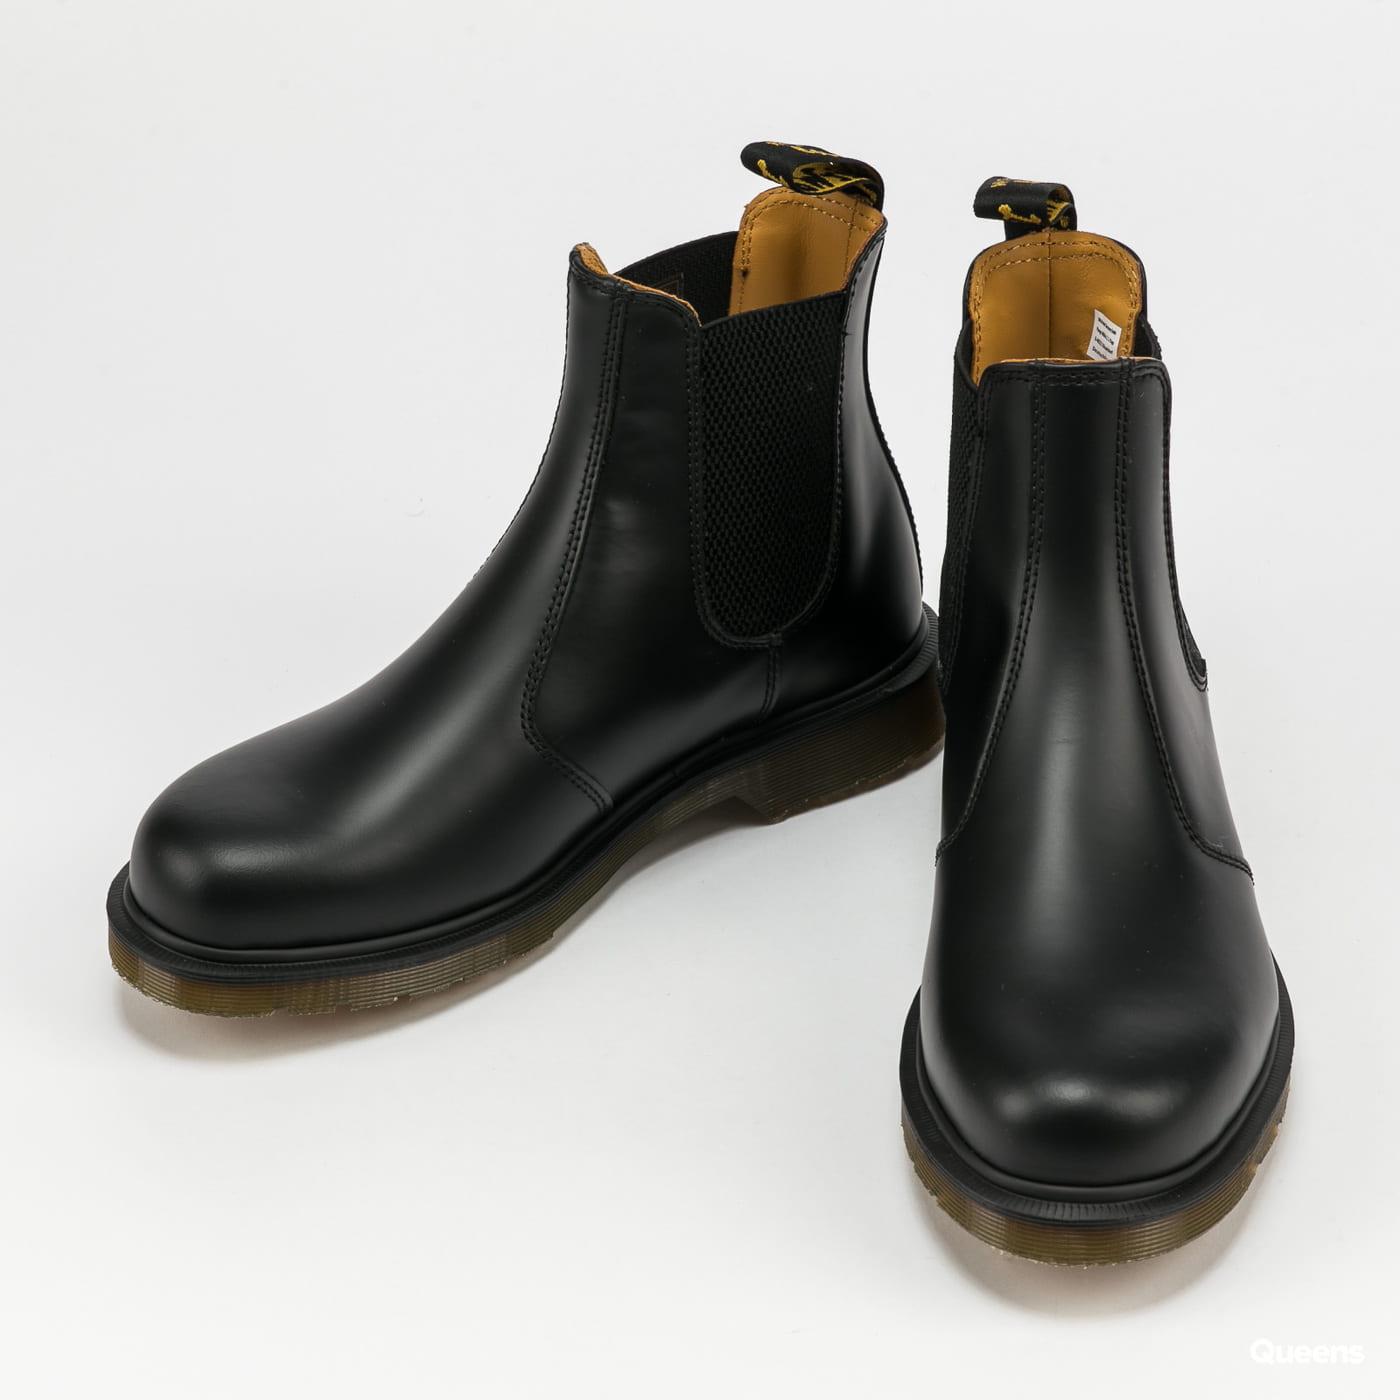 Dr. Martens 2976 black smooth